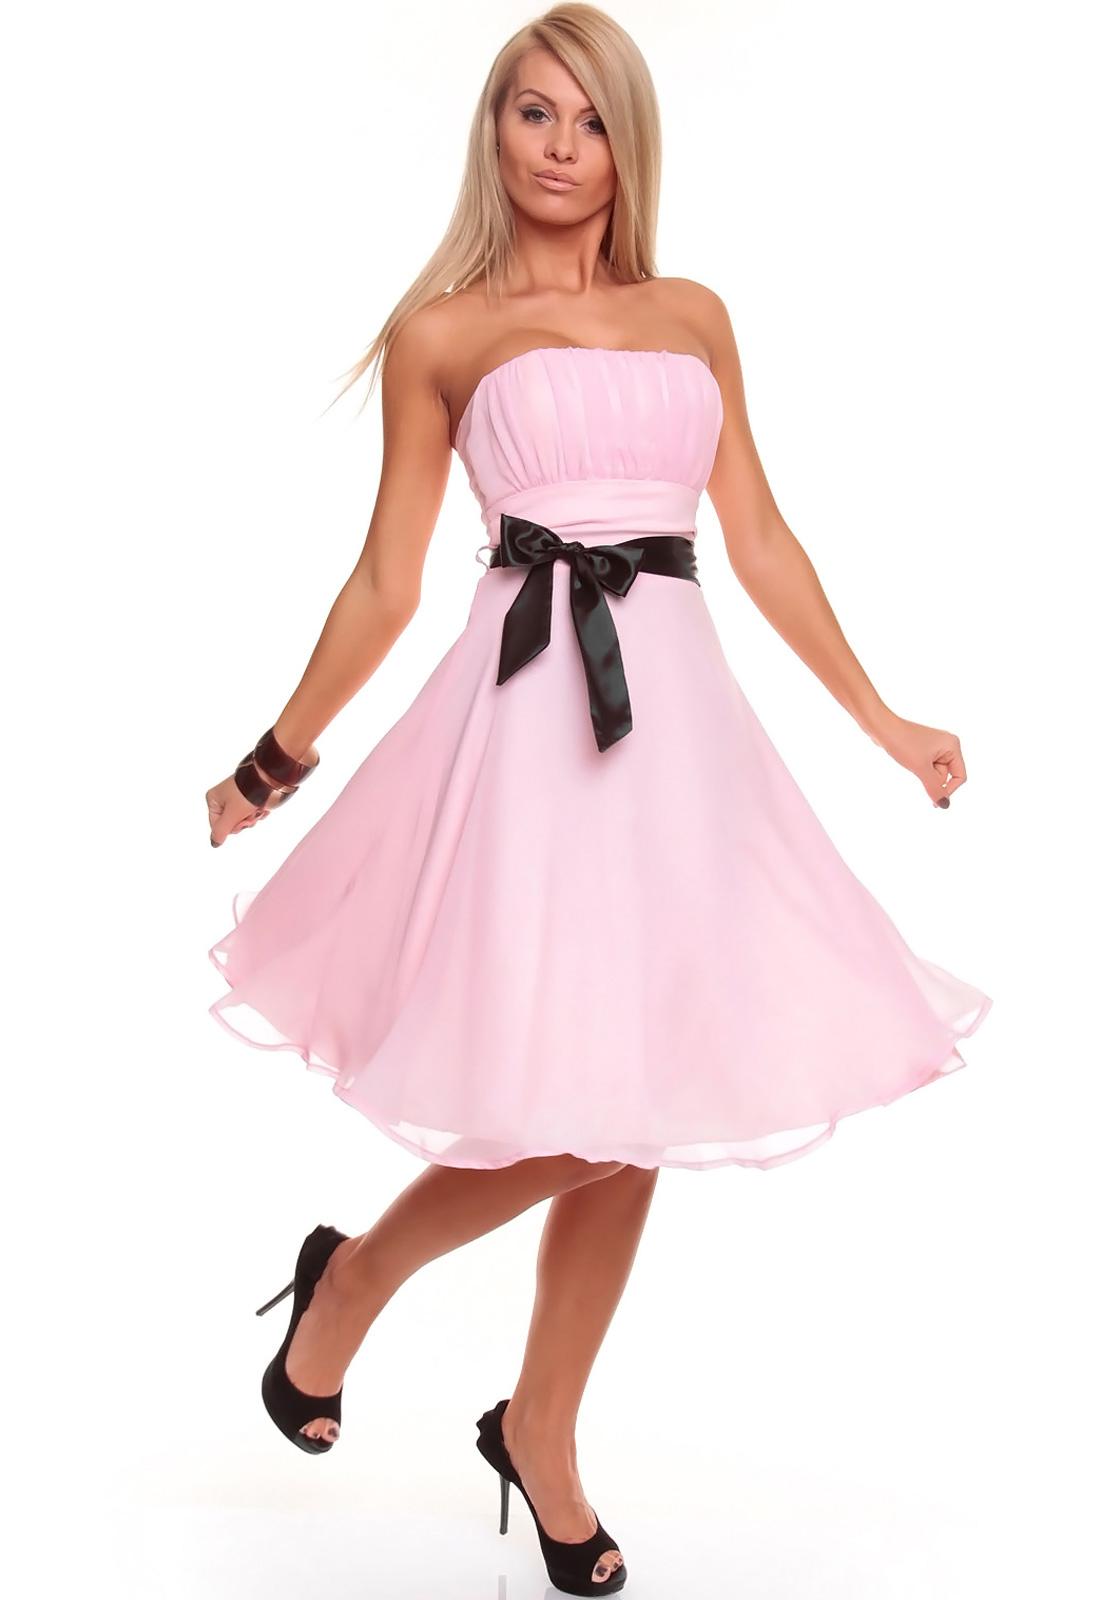 Wunderbar Partykleider Für Mädchen Galerie - Brautkleider Ideen ...